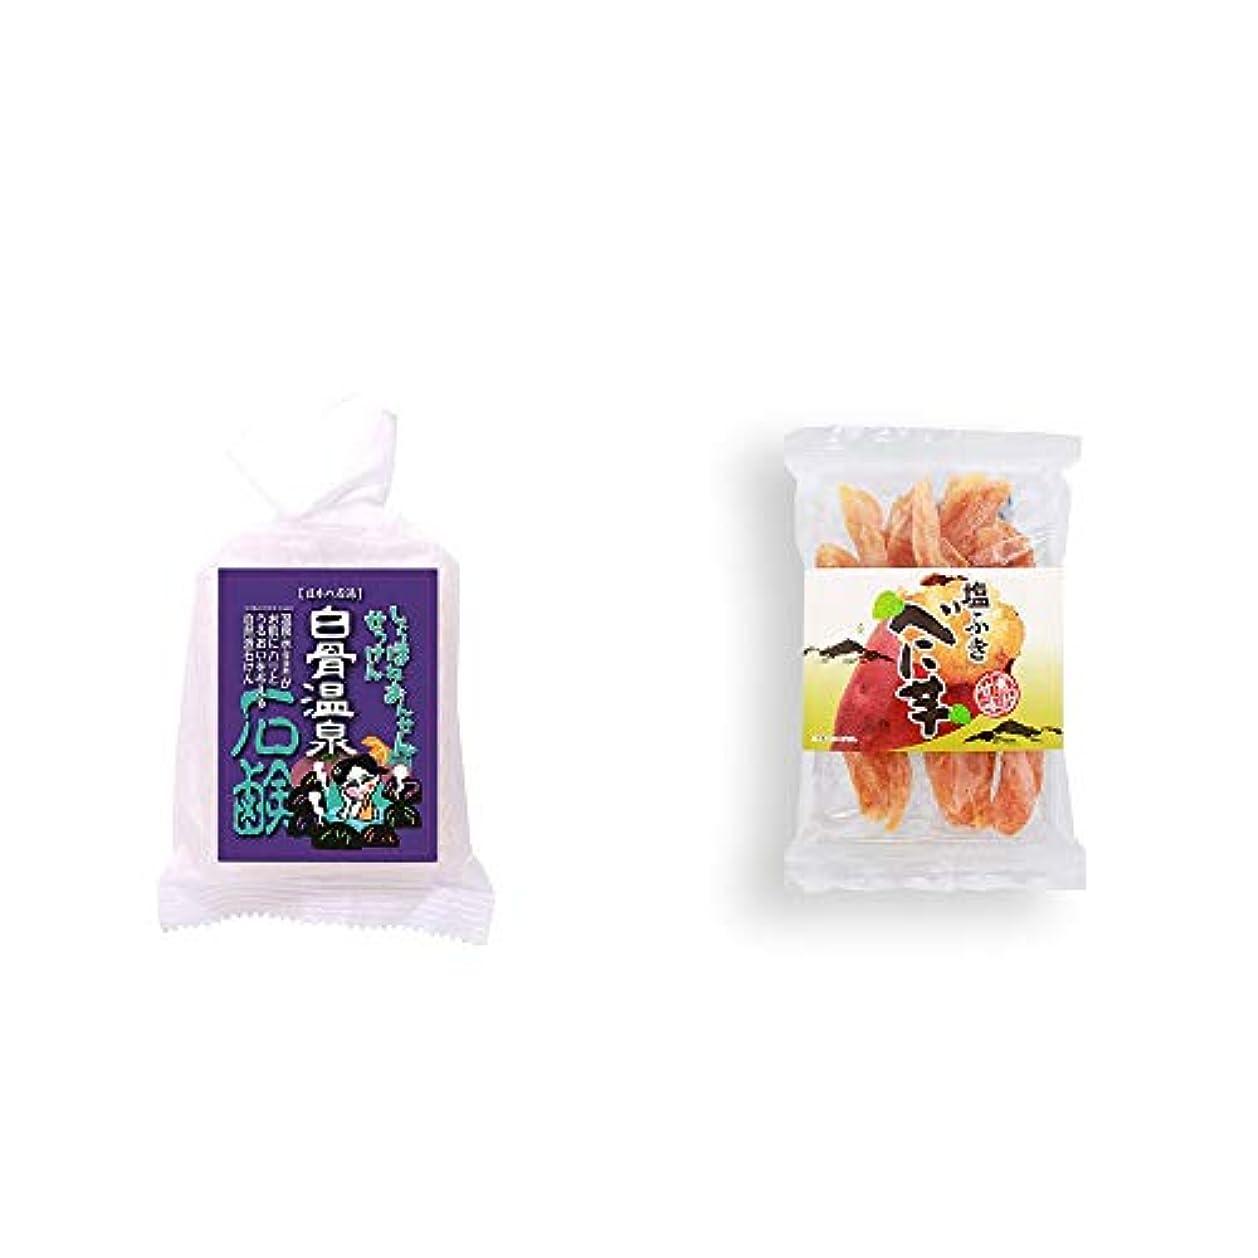 何満たすスロット[2点セット] 信州 白骨温泉石鹸(80g)?塩ふき べに芋(250g)